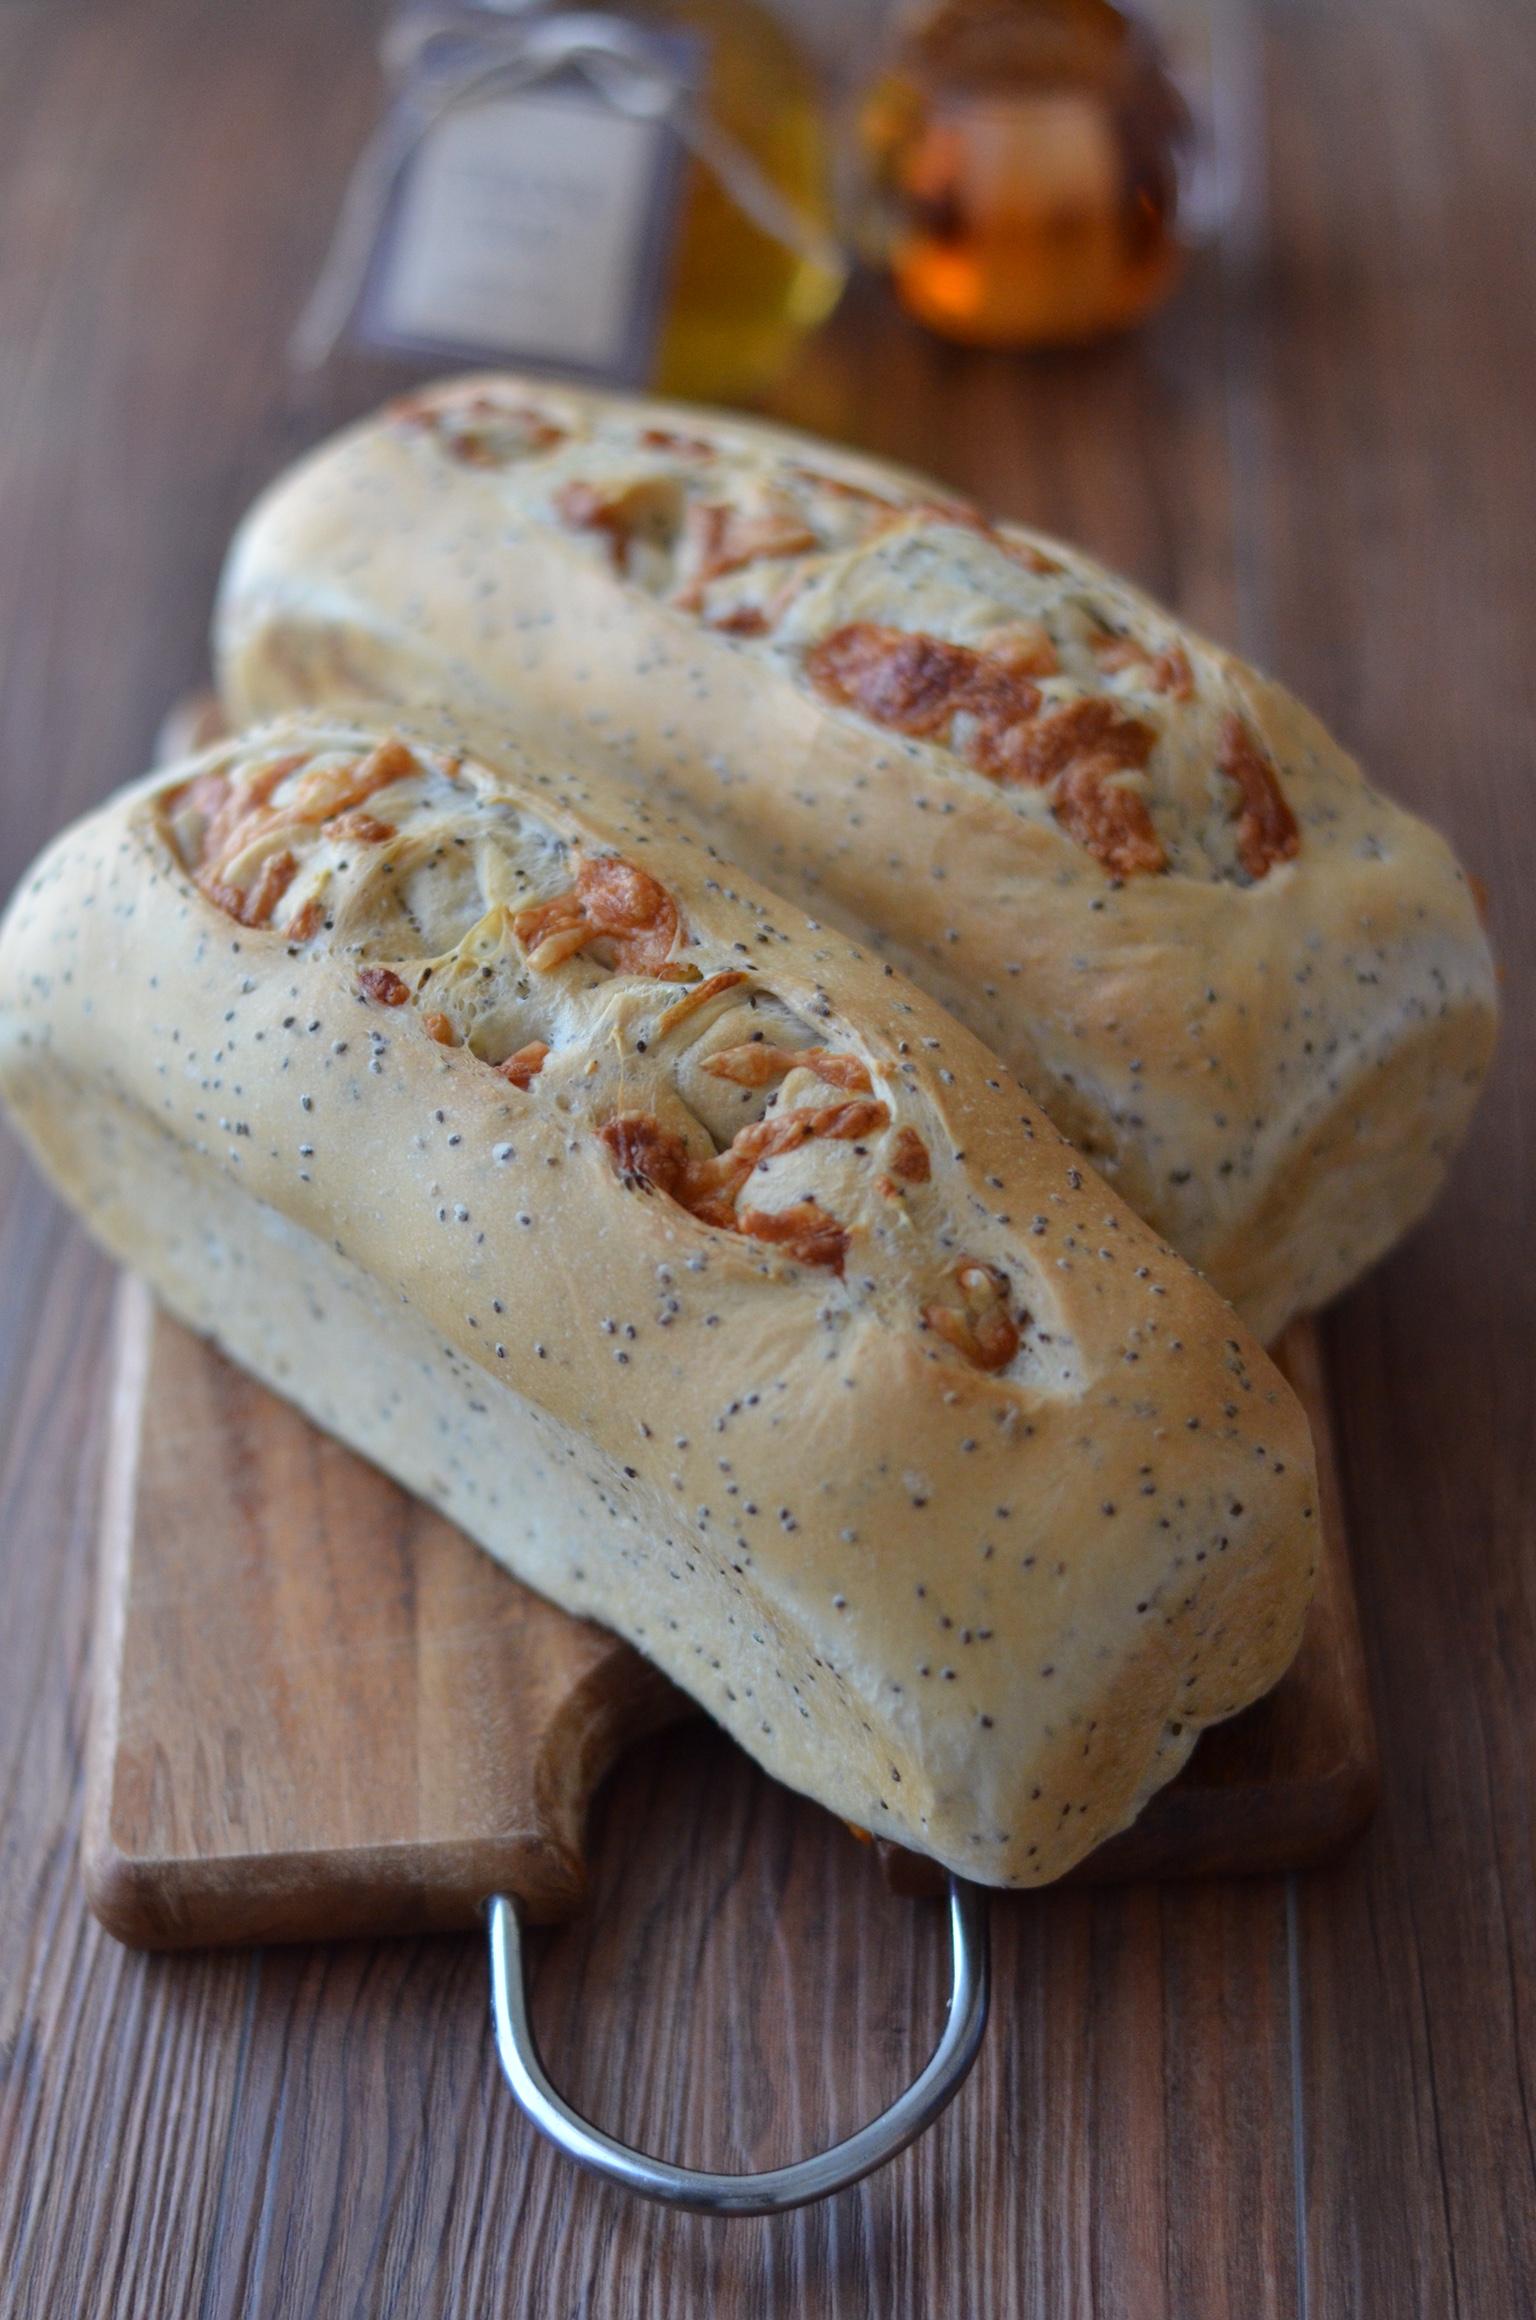 スーパーフード!プチプチ♪チアシード入りチーズパンで美味しく美活レシピ